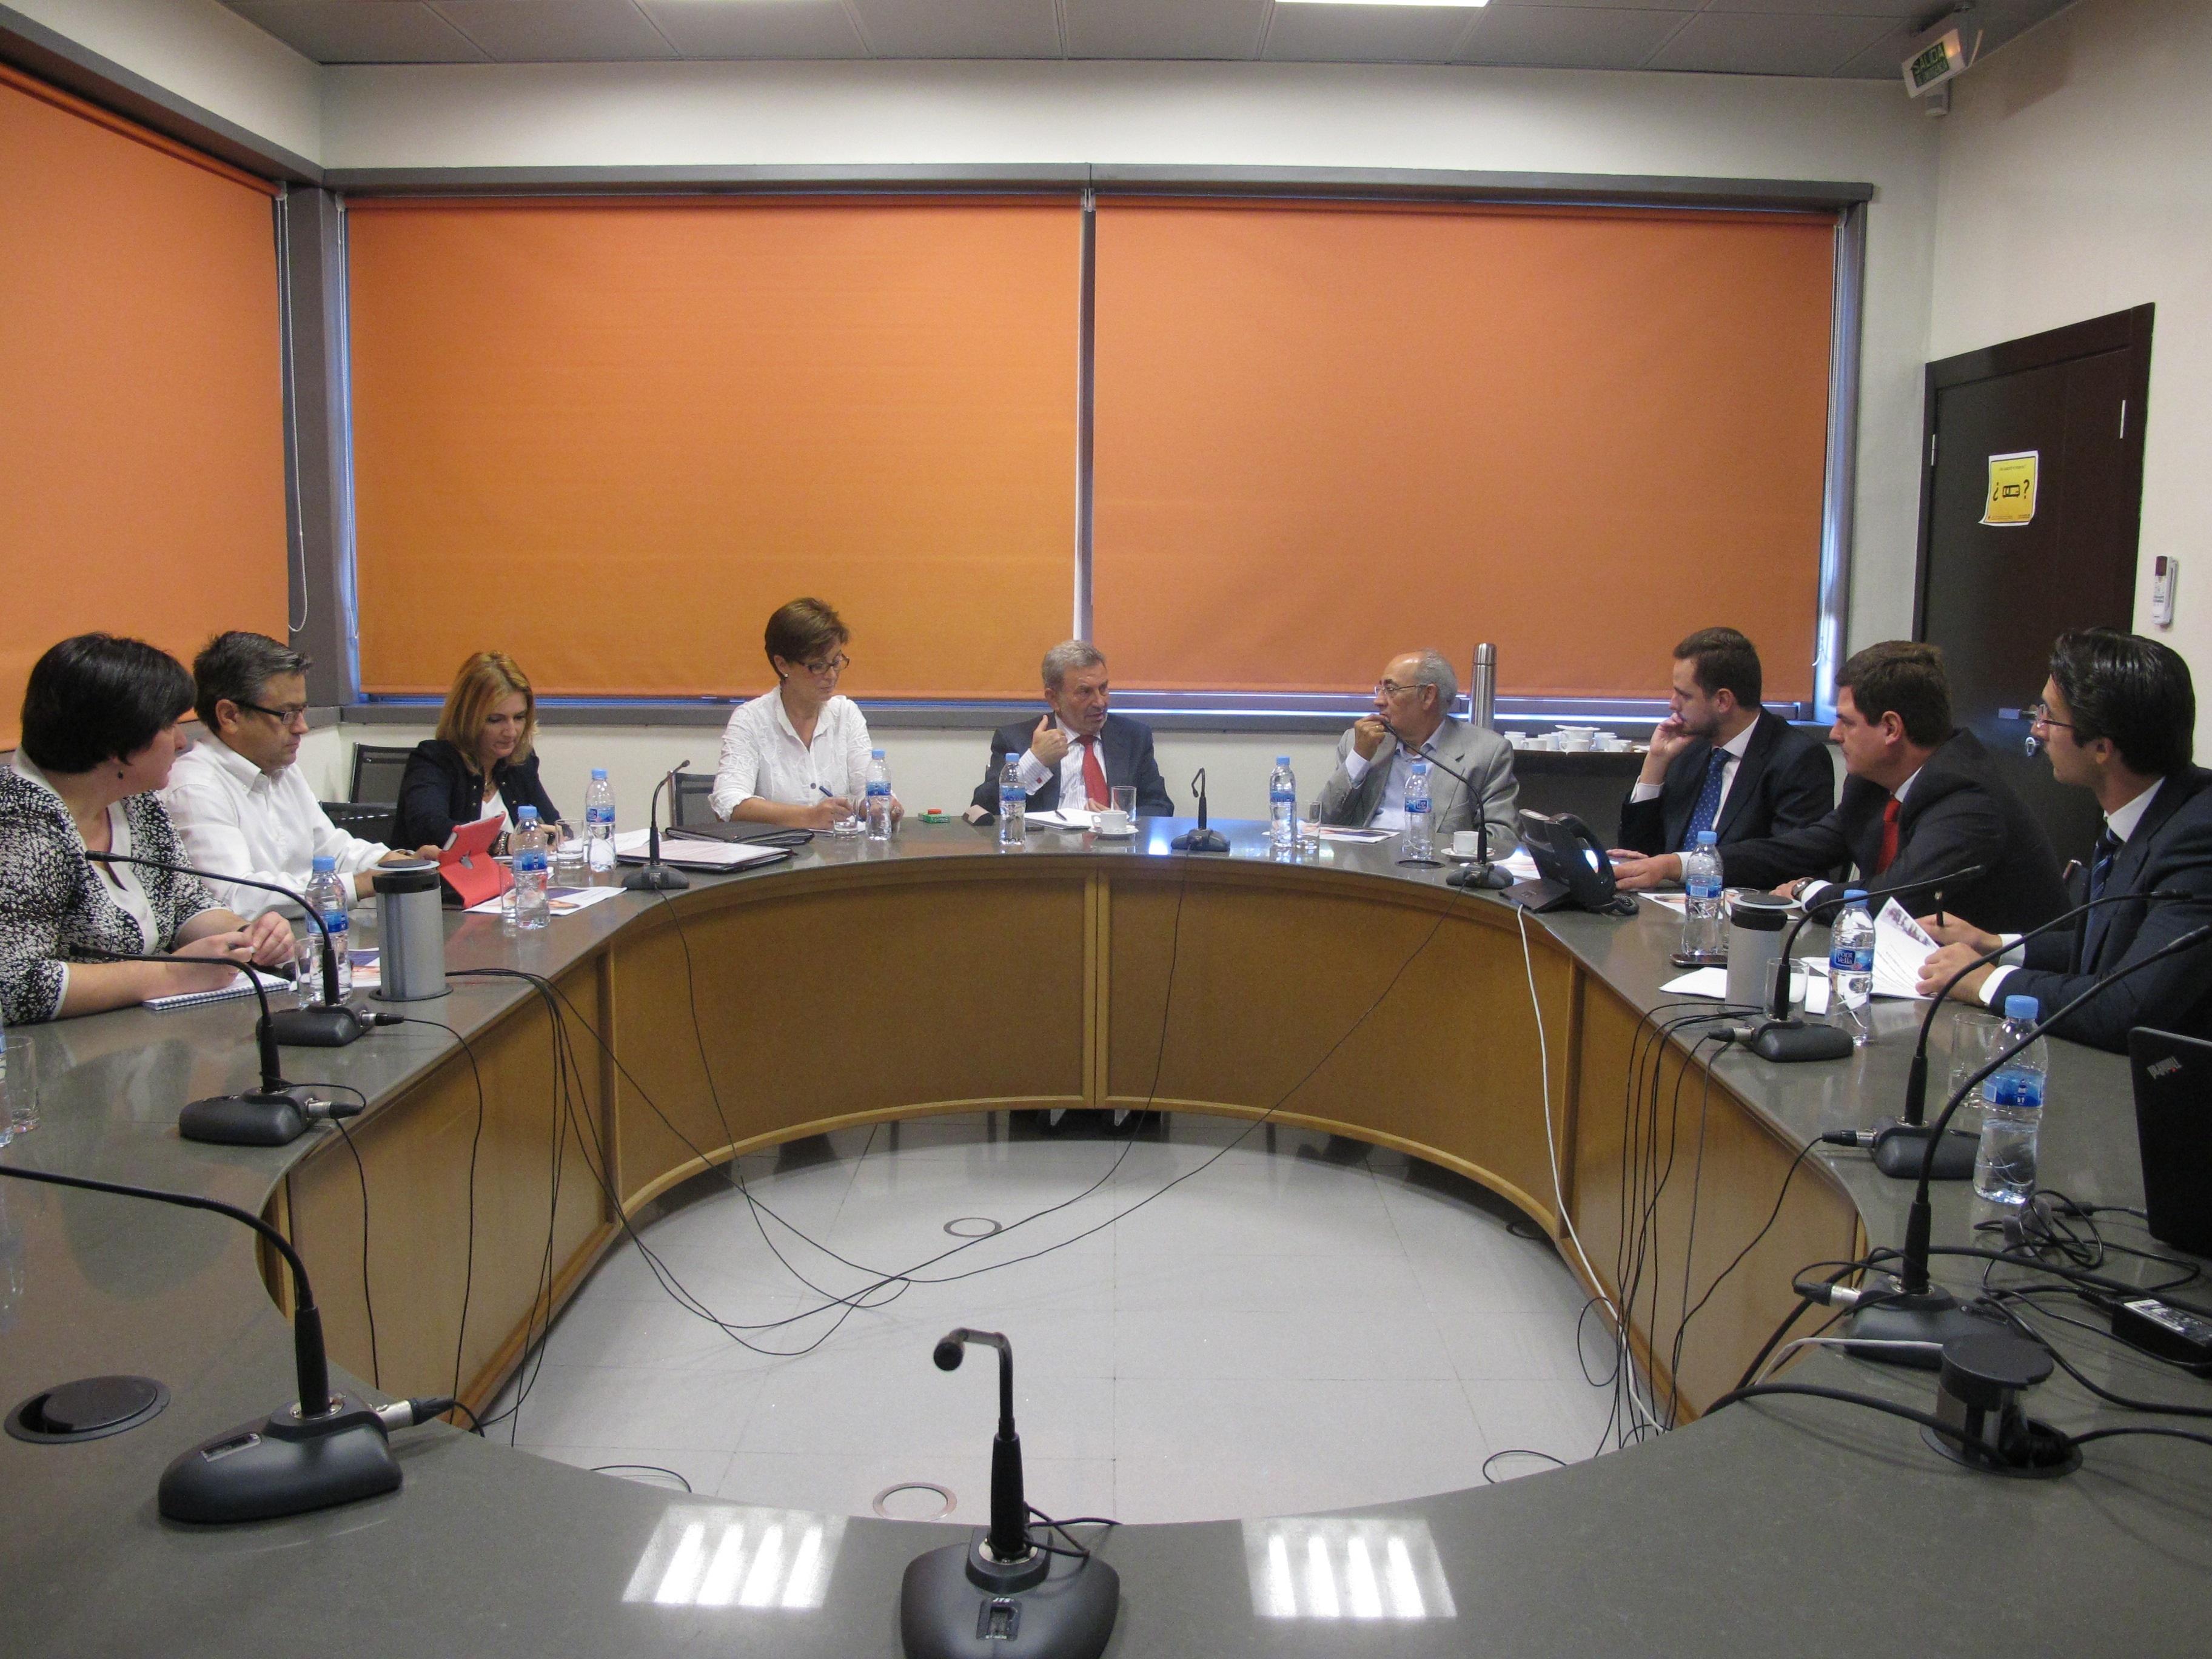 Junta traslada a Cosentino y Michelin las propiedades del Bono de Empleo Joven para fomentar la contratación